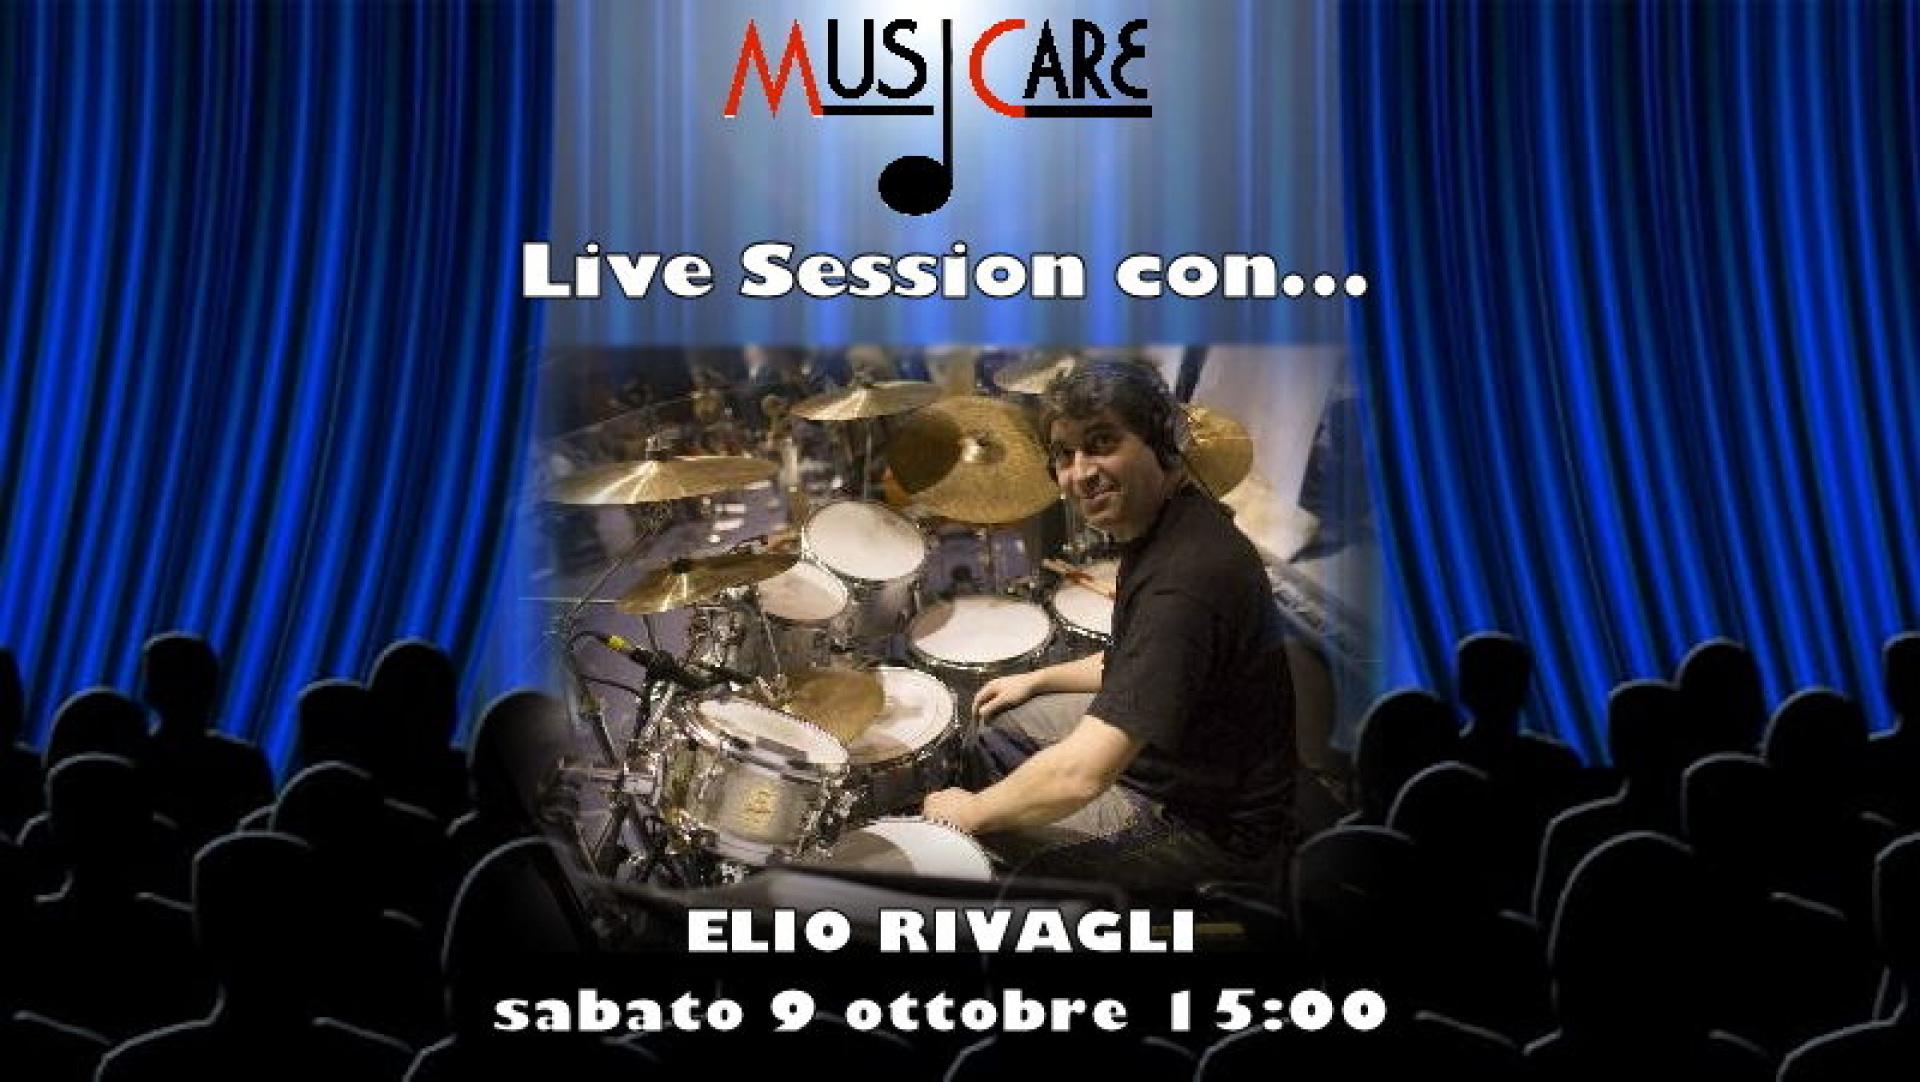 Elio Rivagli